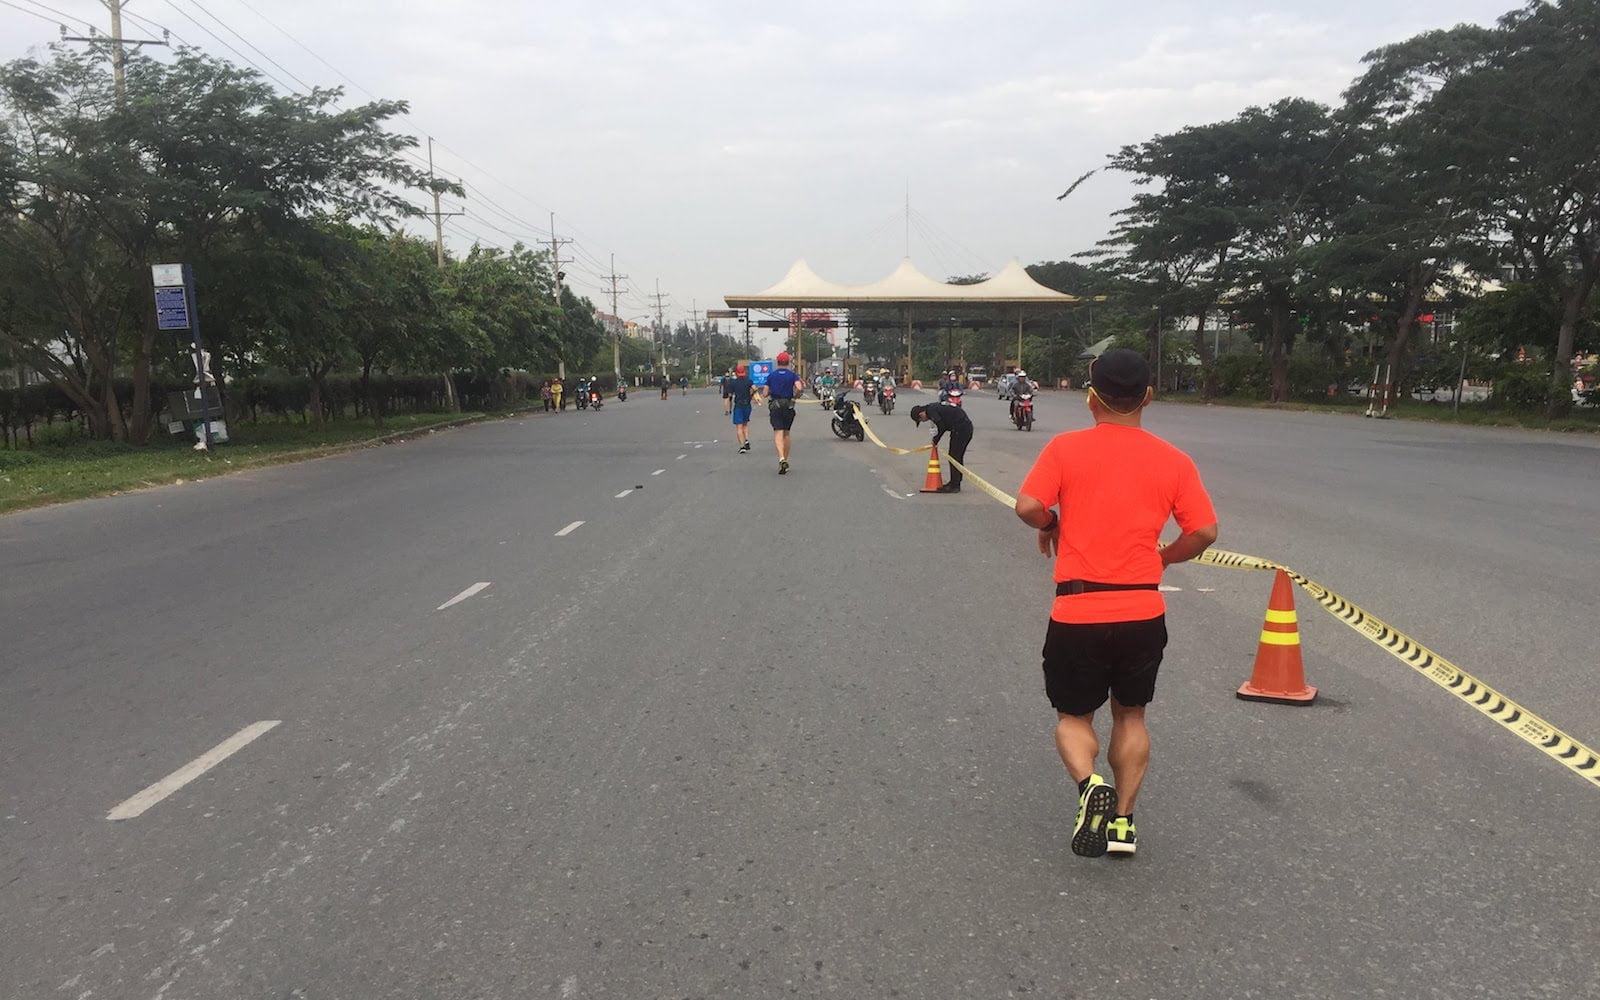 Vài dòng về công tác tổ chức HCMC Marathon 2018 – Không thể tệ hại hơn!